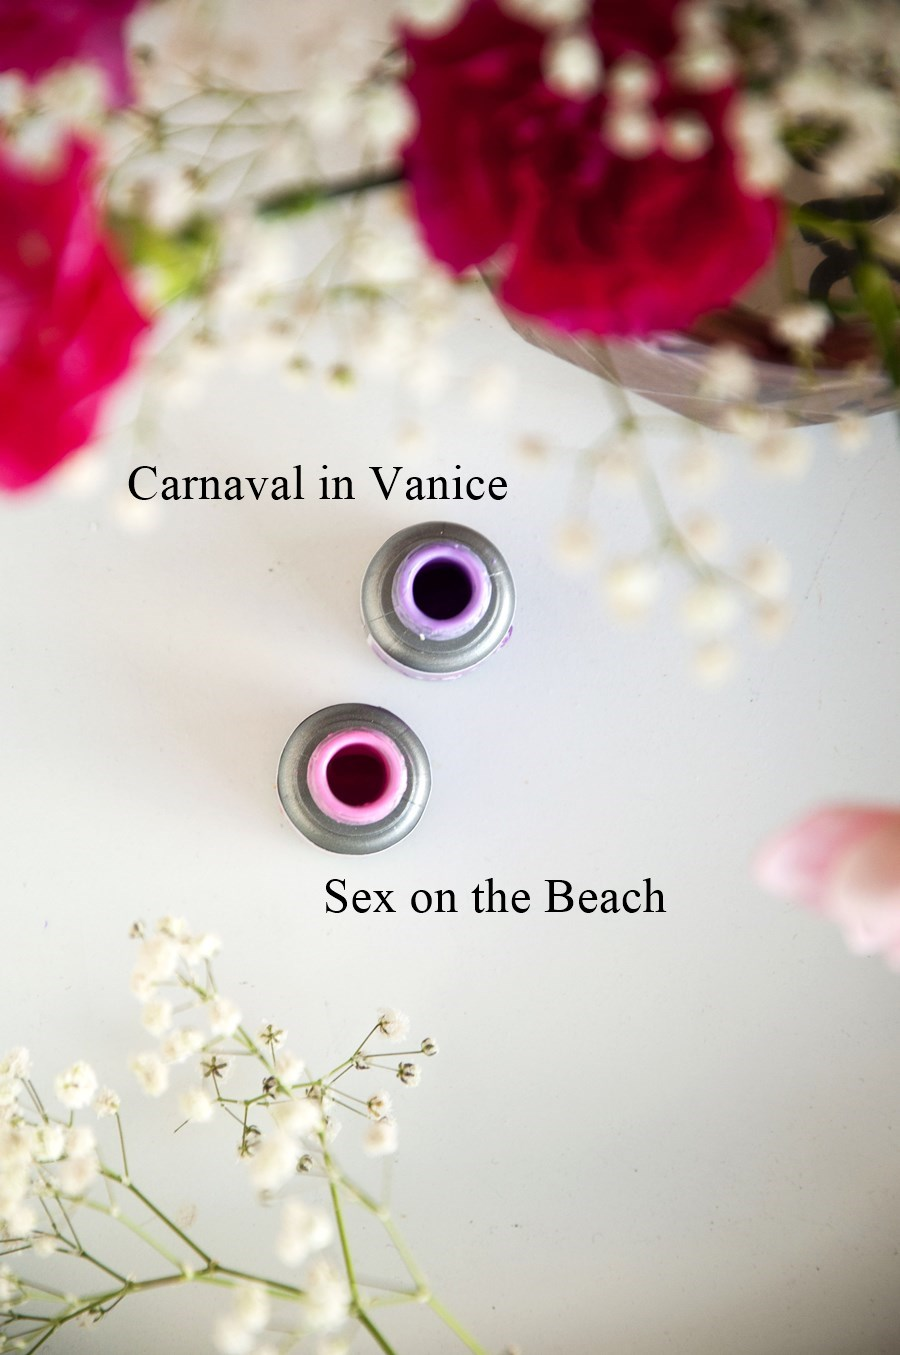 lakiery hybrydowe, pastelowe allepaznokcie, sex on the beach, carnaval in vanice,